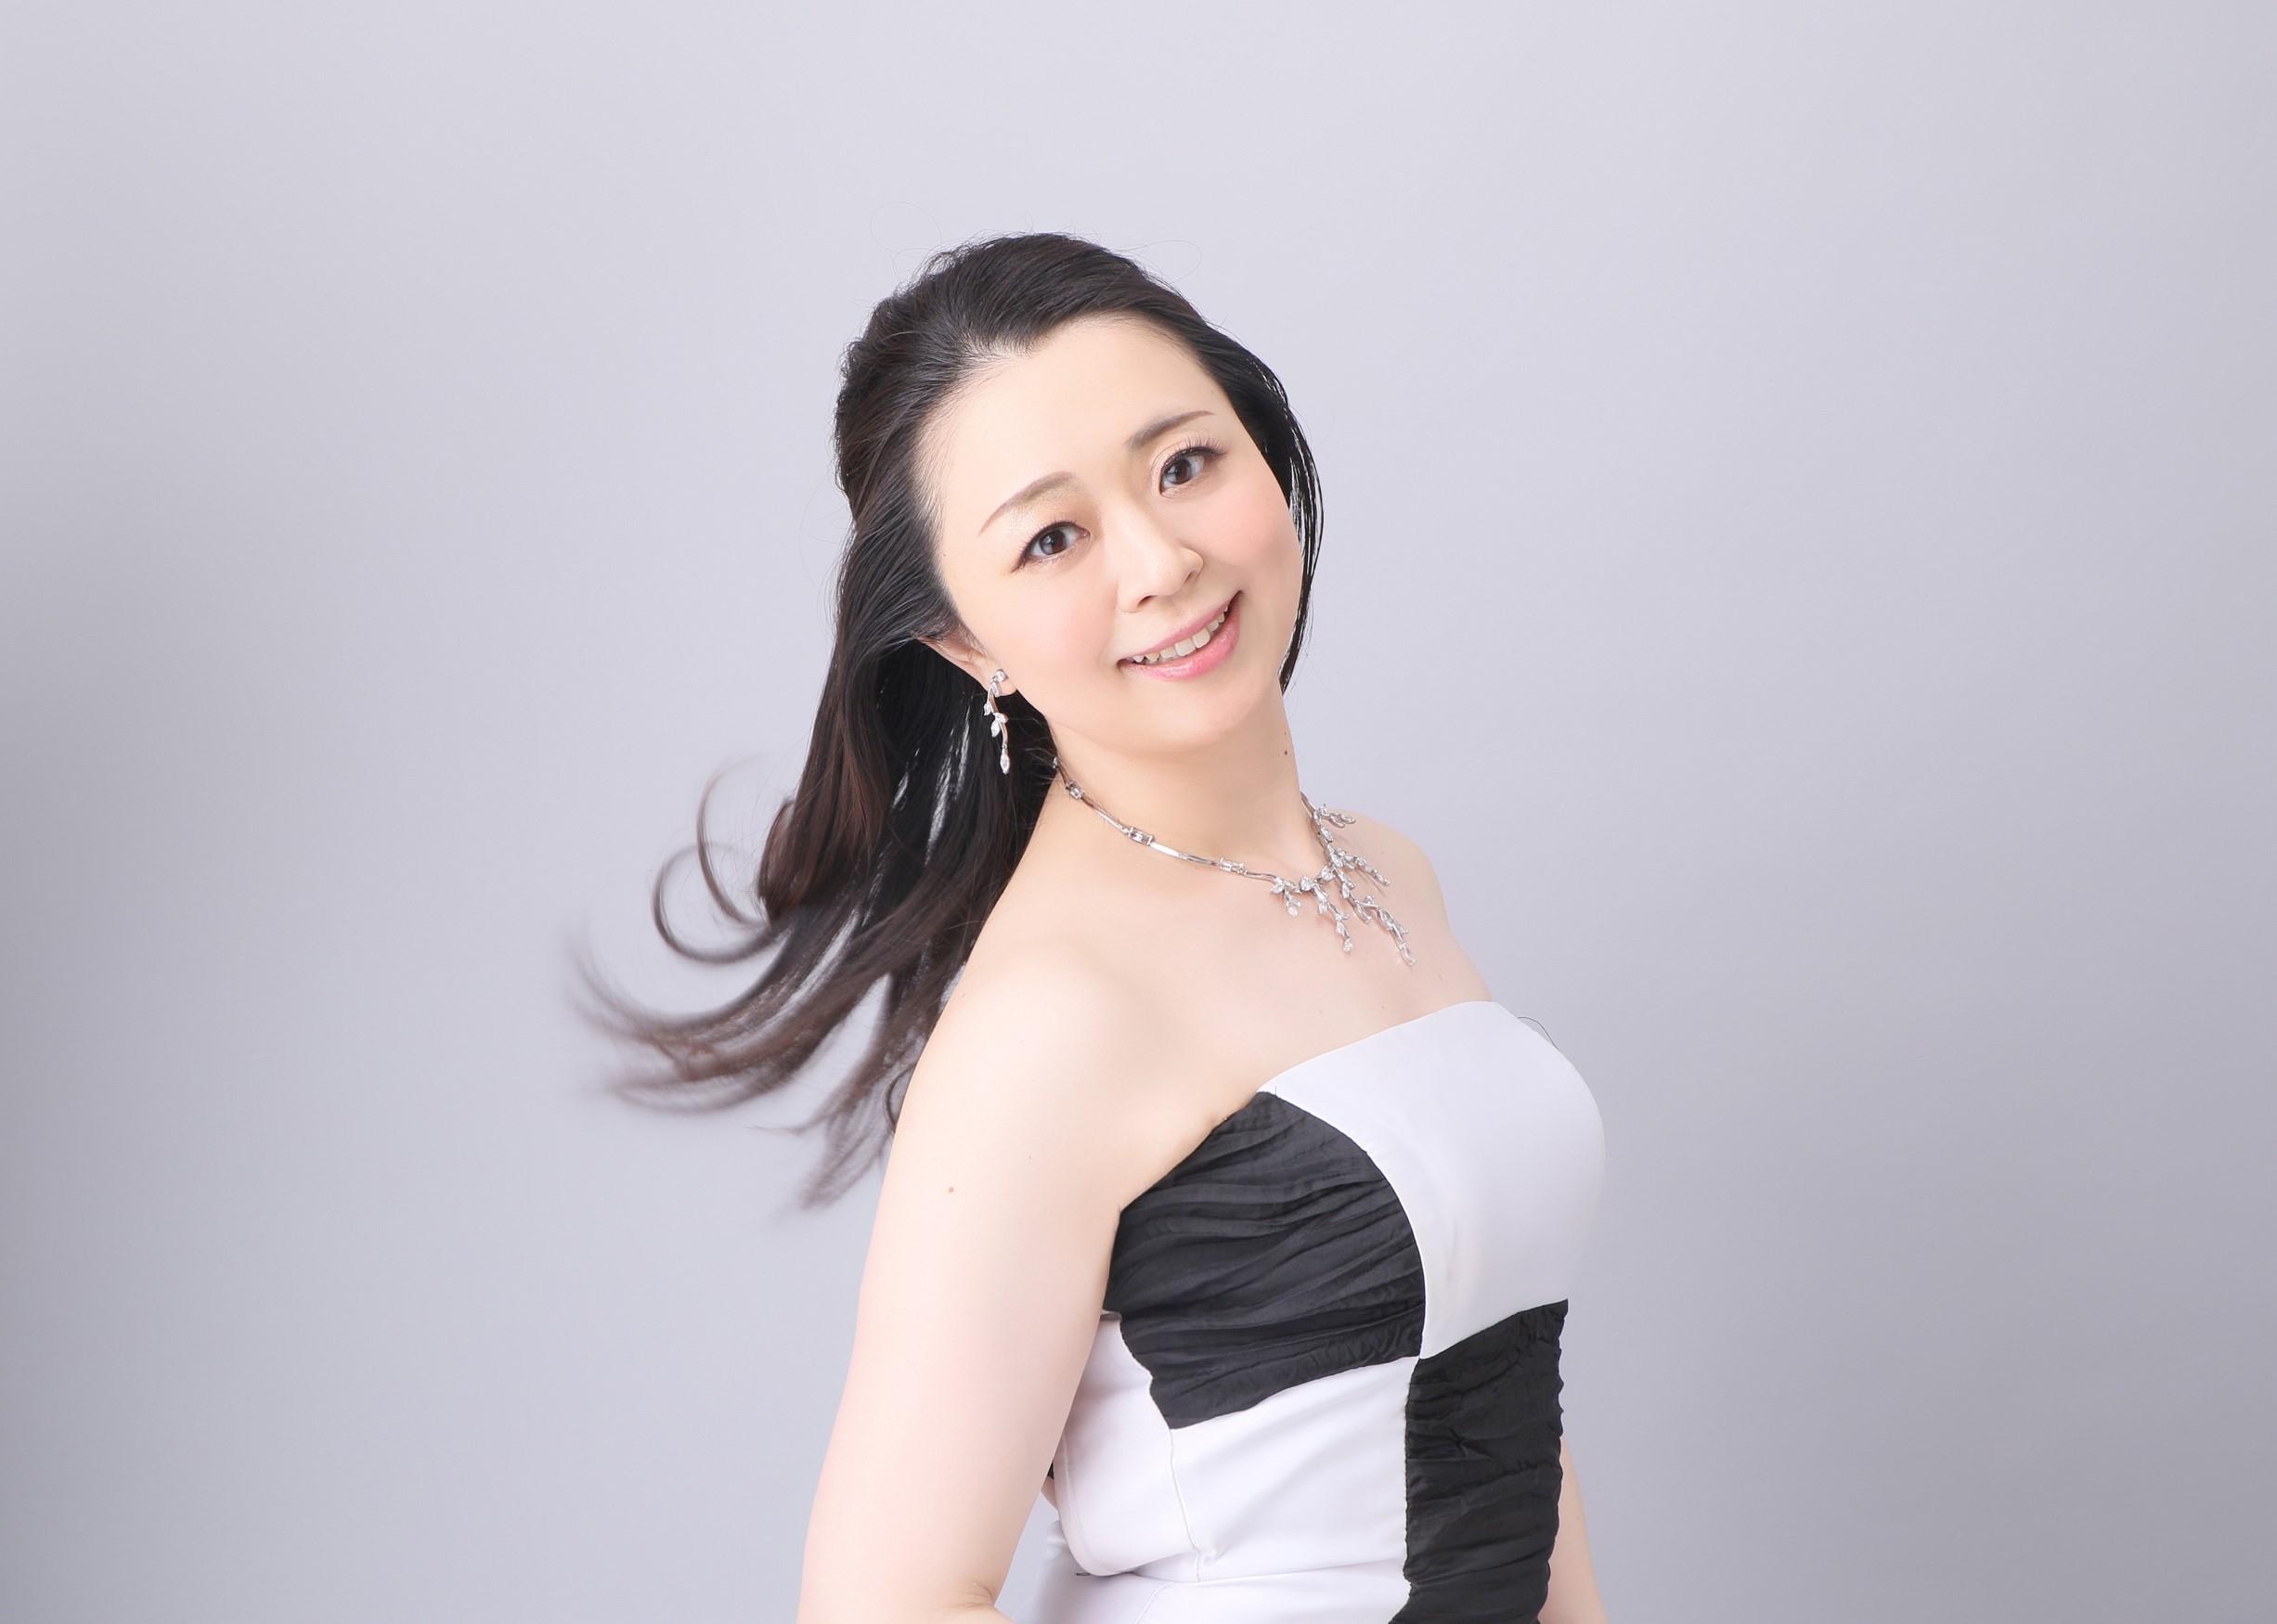 Saori Furuya